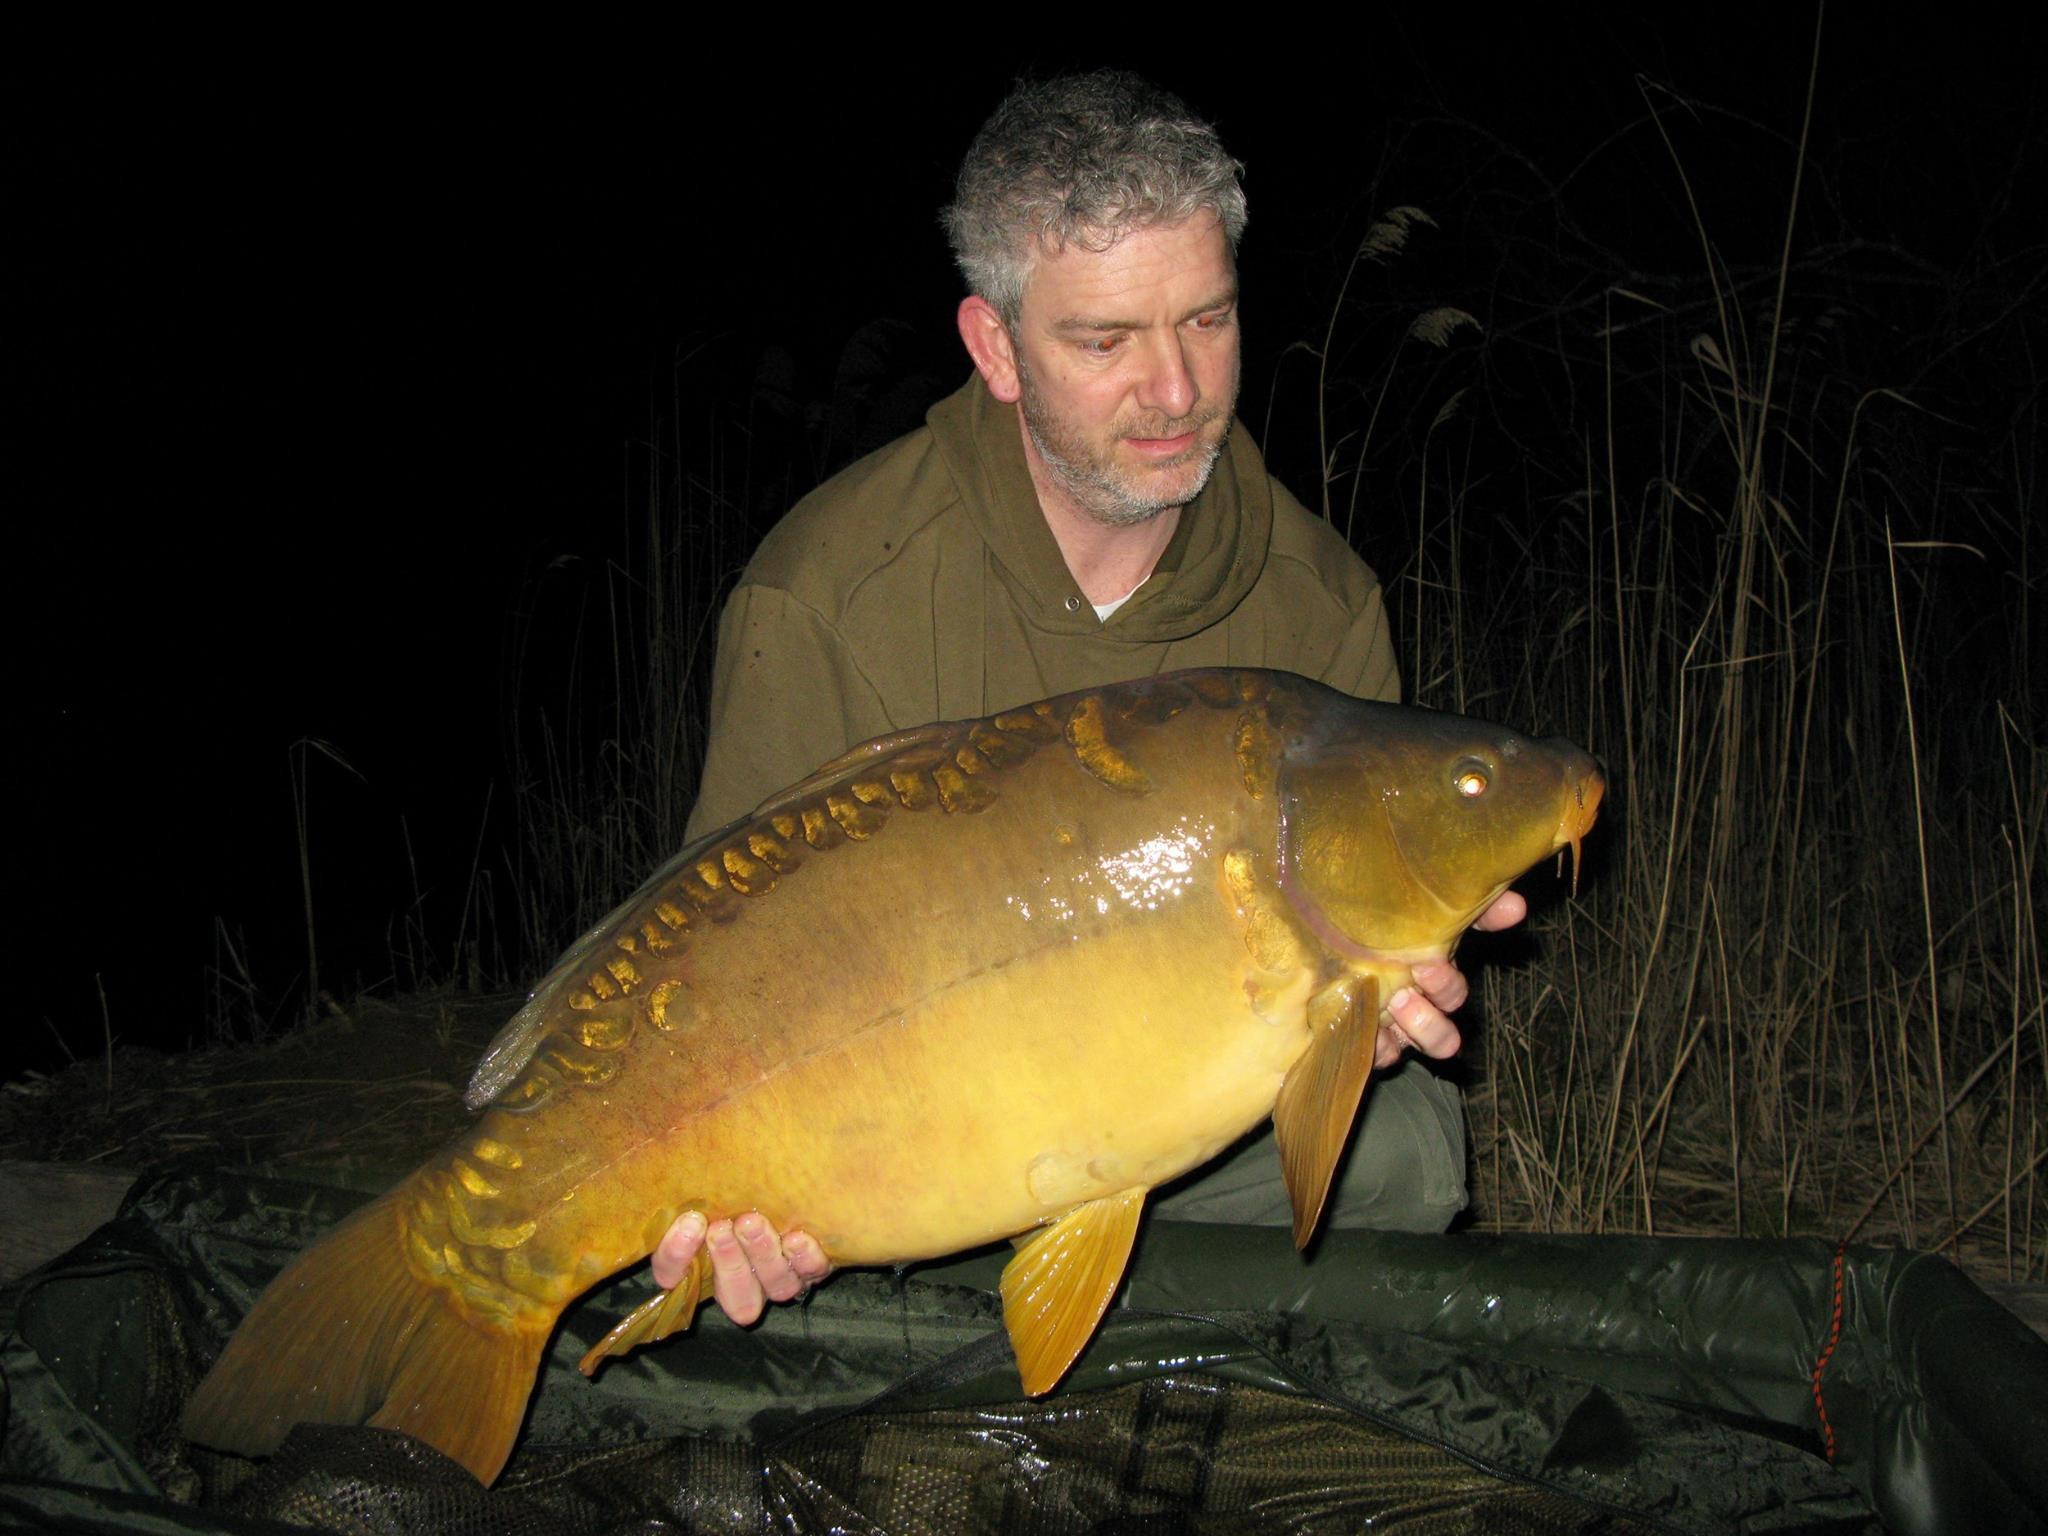 Mirror 28 lb - 12.61 kg